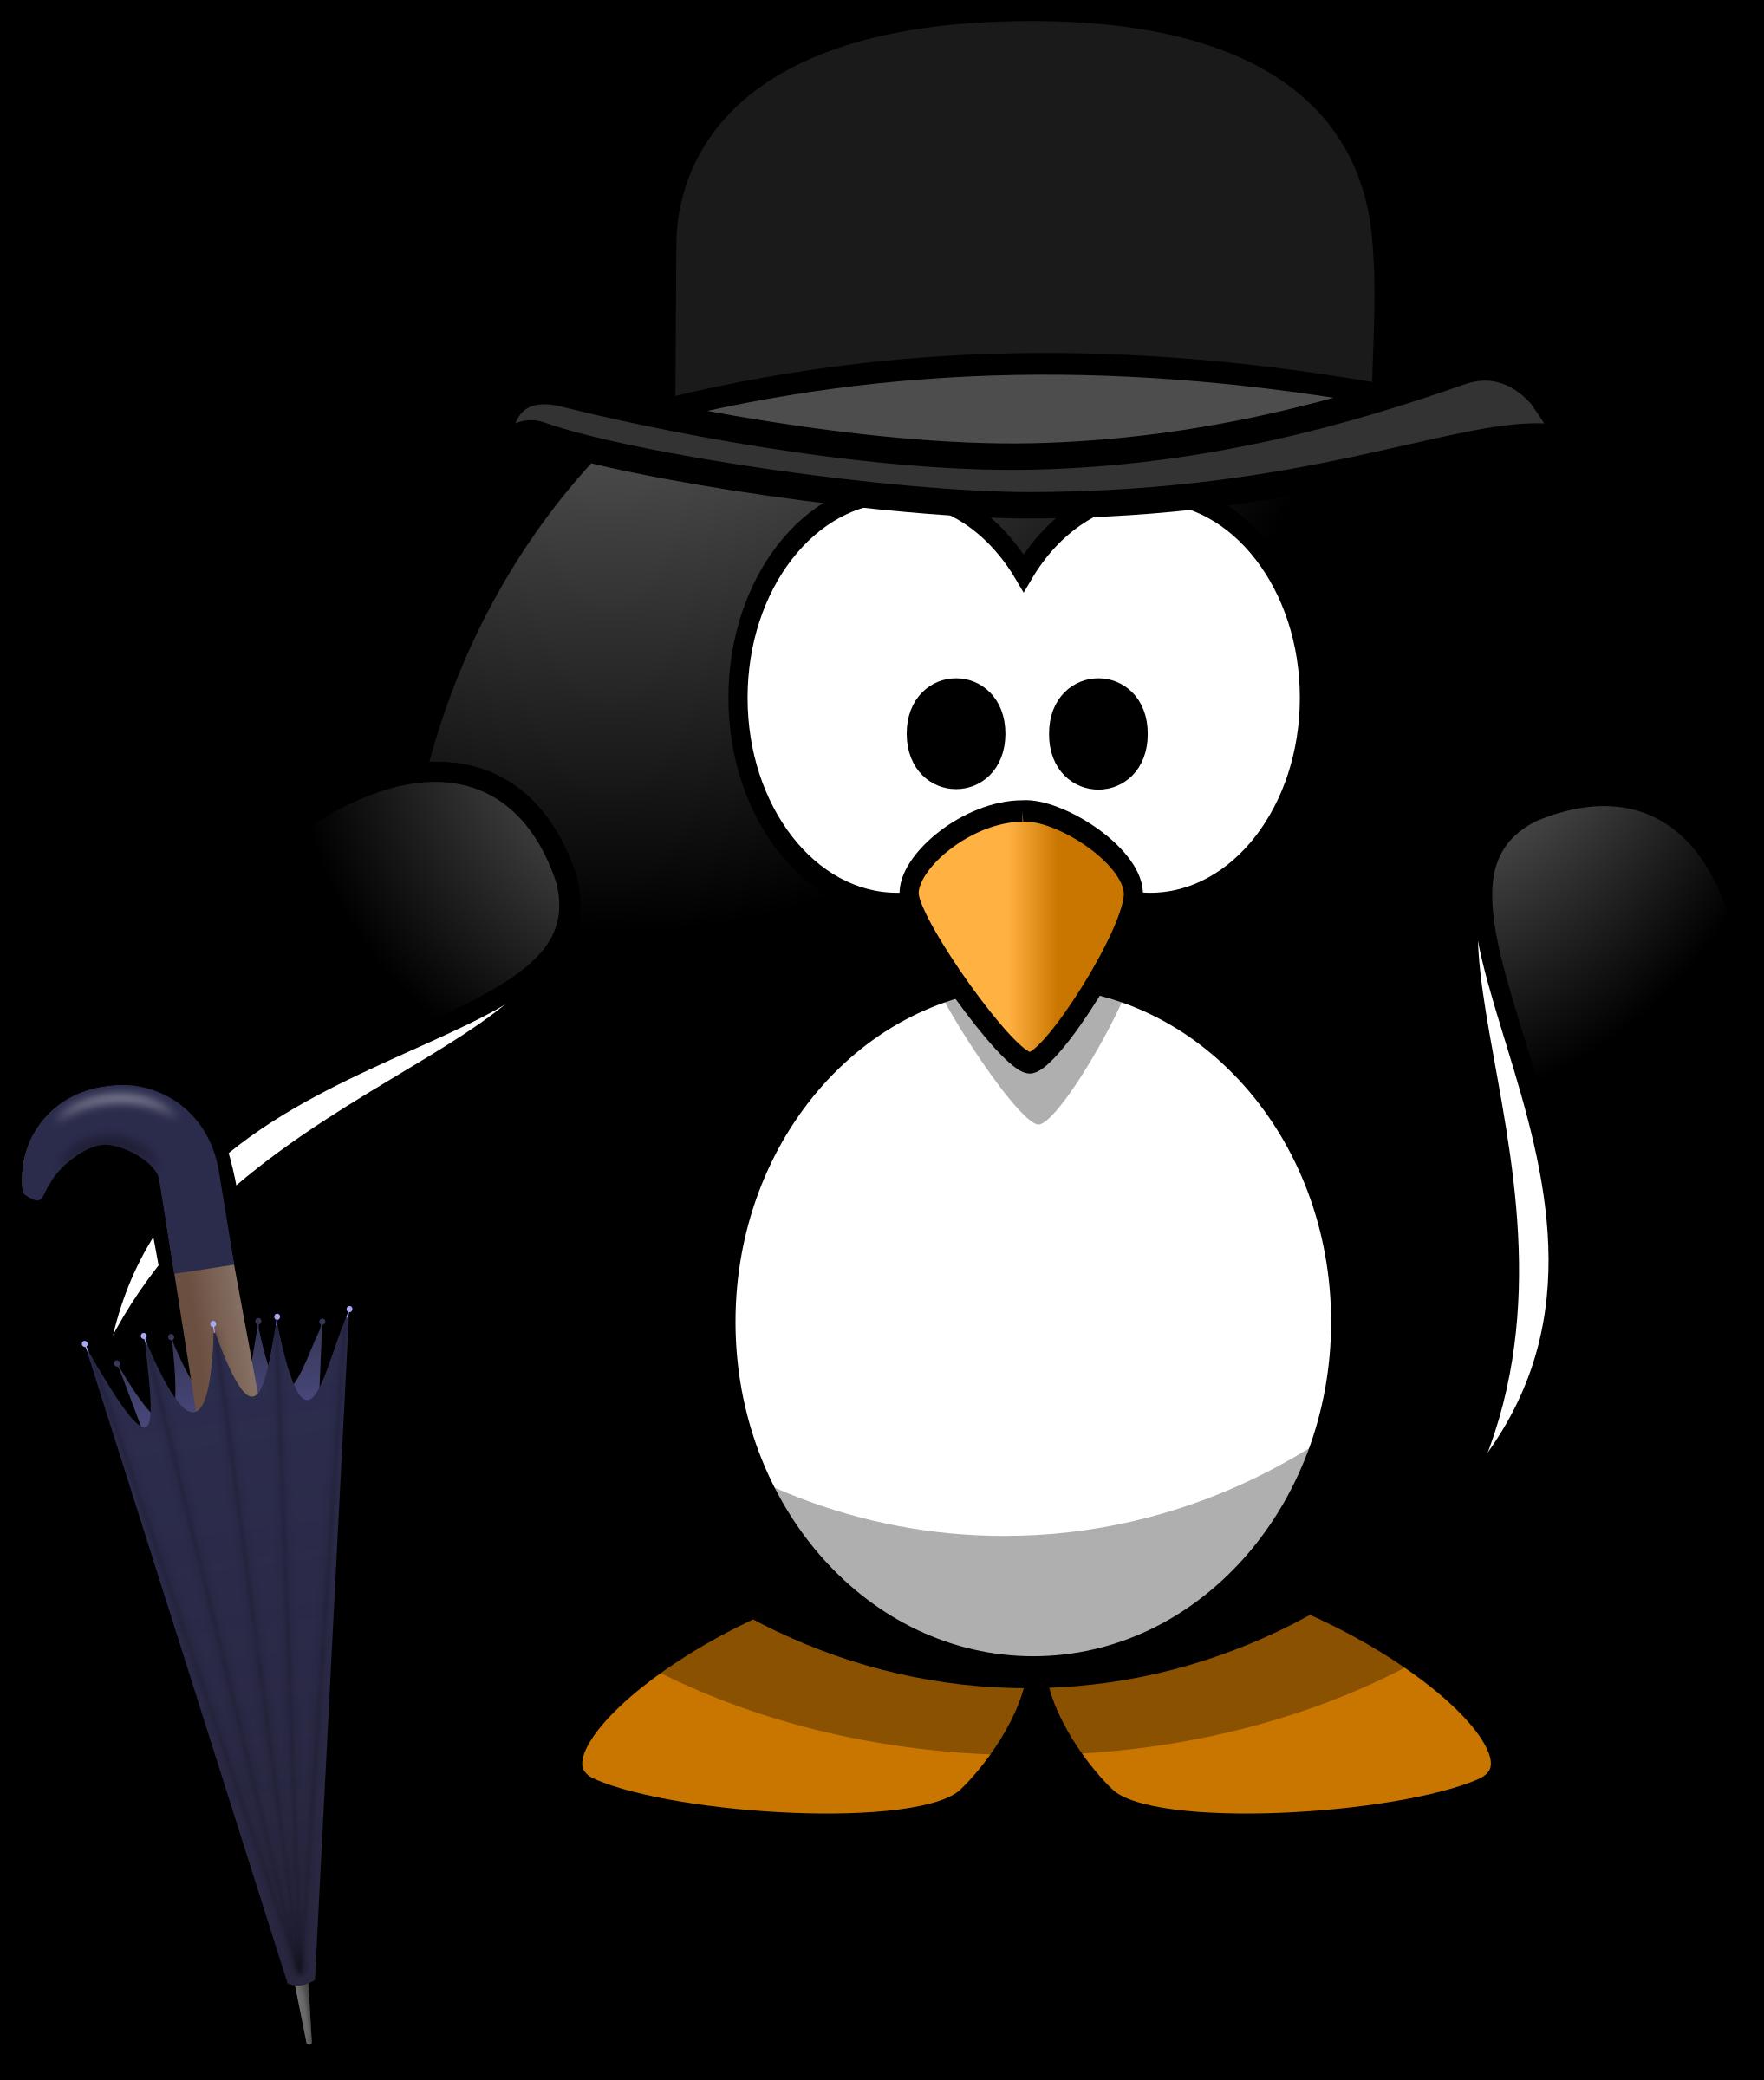 Clipart penguin hat. Gentleman big image png